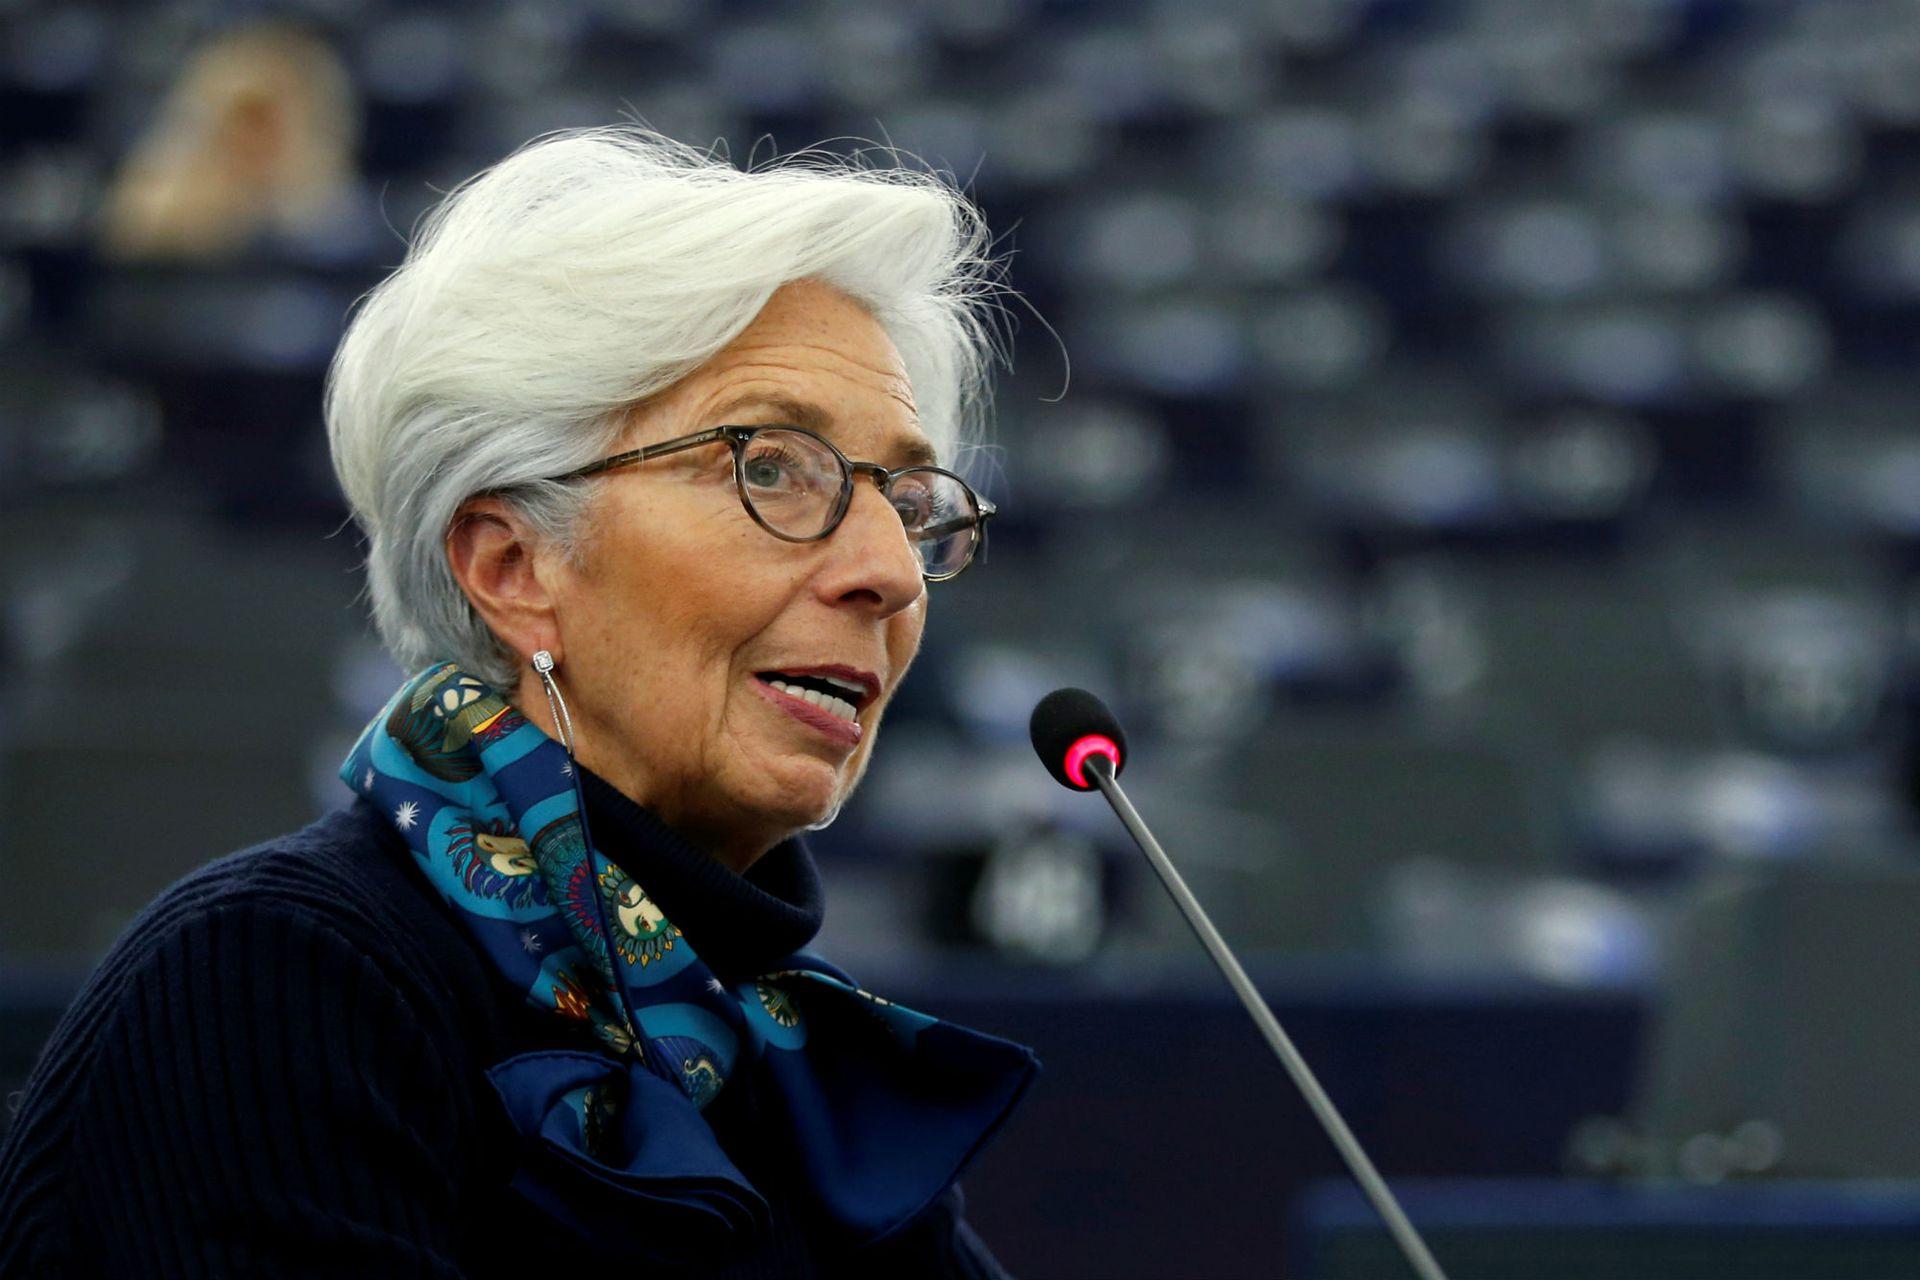 La titular del Banco Central europeo, Christine Lagarde, fue una de las voces que promovió la regulación de las cripto